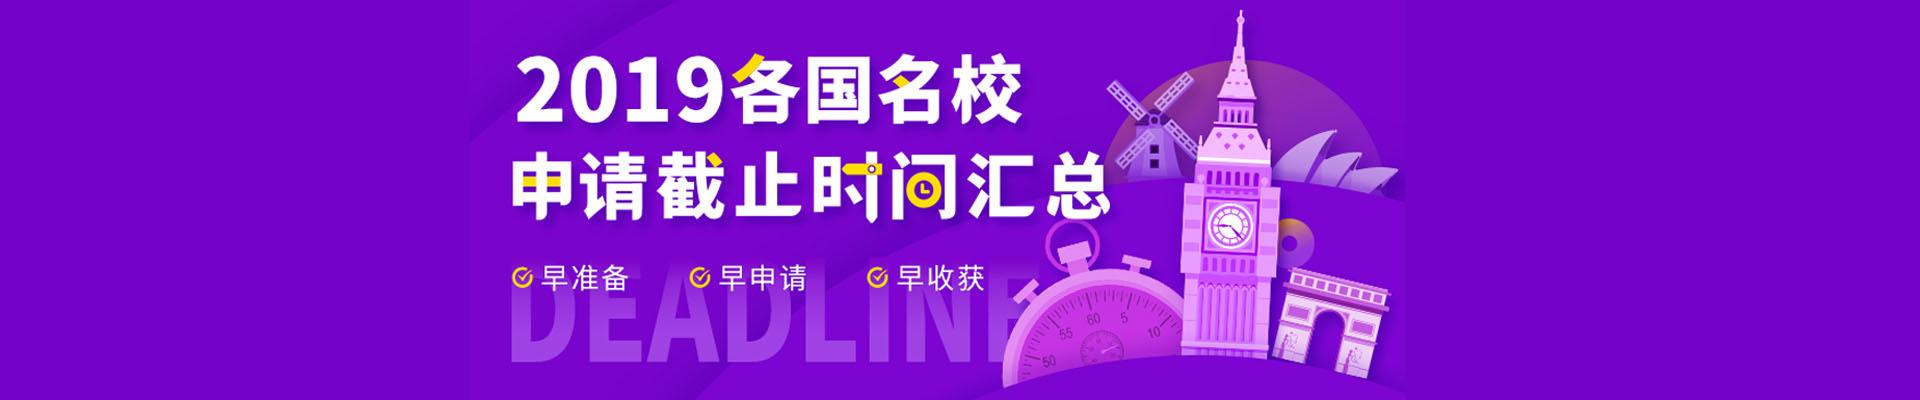 武汉新通留学服务机构